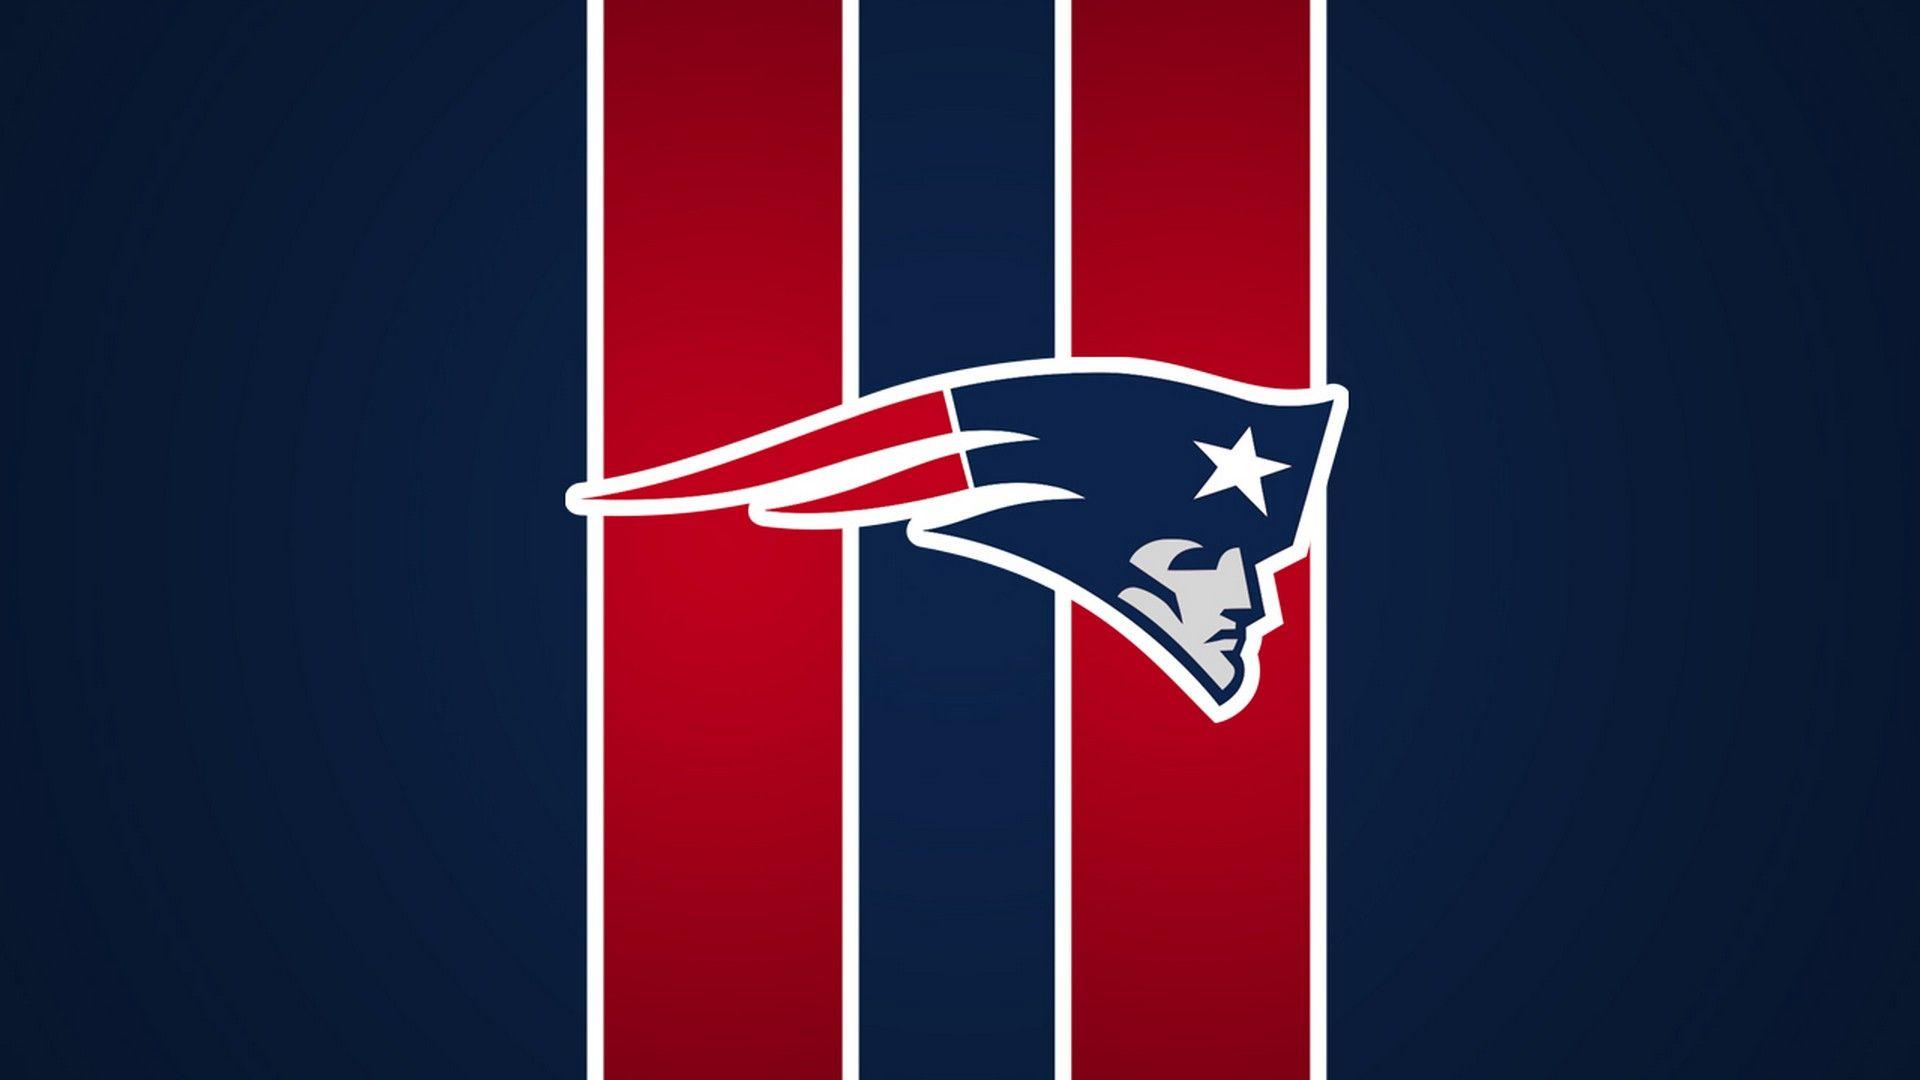 Ne Patriots Desktop Wallpapers 2021 Nfl Football Wallpapers New England Patriots Wallpaper Patriots Logo Nfl Football Wallpaper